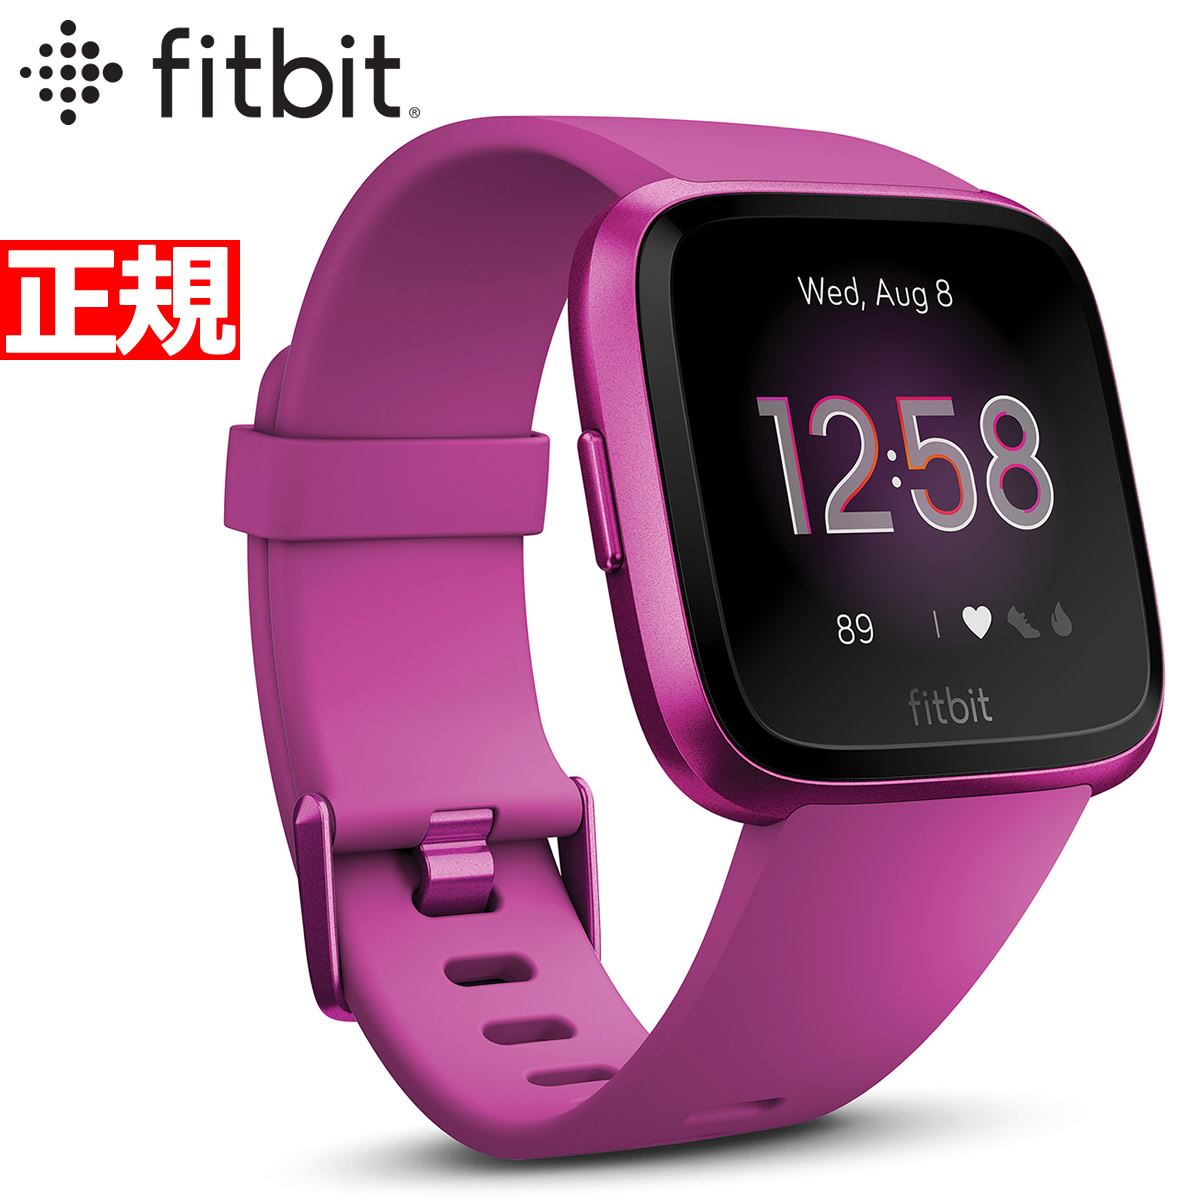 【今がお得♪店内ポイント最大48倍!&2000円OFFクーポン!9日1時59分まで!】Fitbit フィットビット Versa Lite ヴァーサライト フィットネス スマートウォッチ ウェアラブル端末 腕時計 L/Sサイズ マルベリー FB415PMPM-FRCJK【2019 新作】